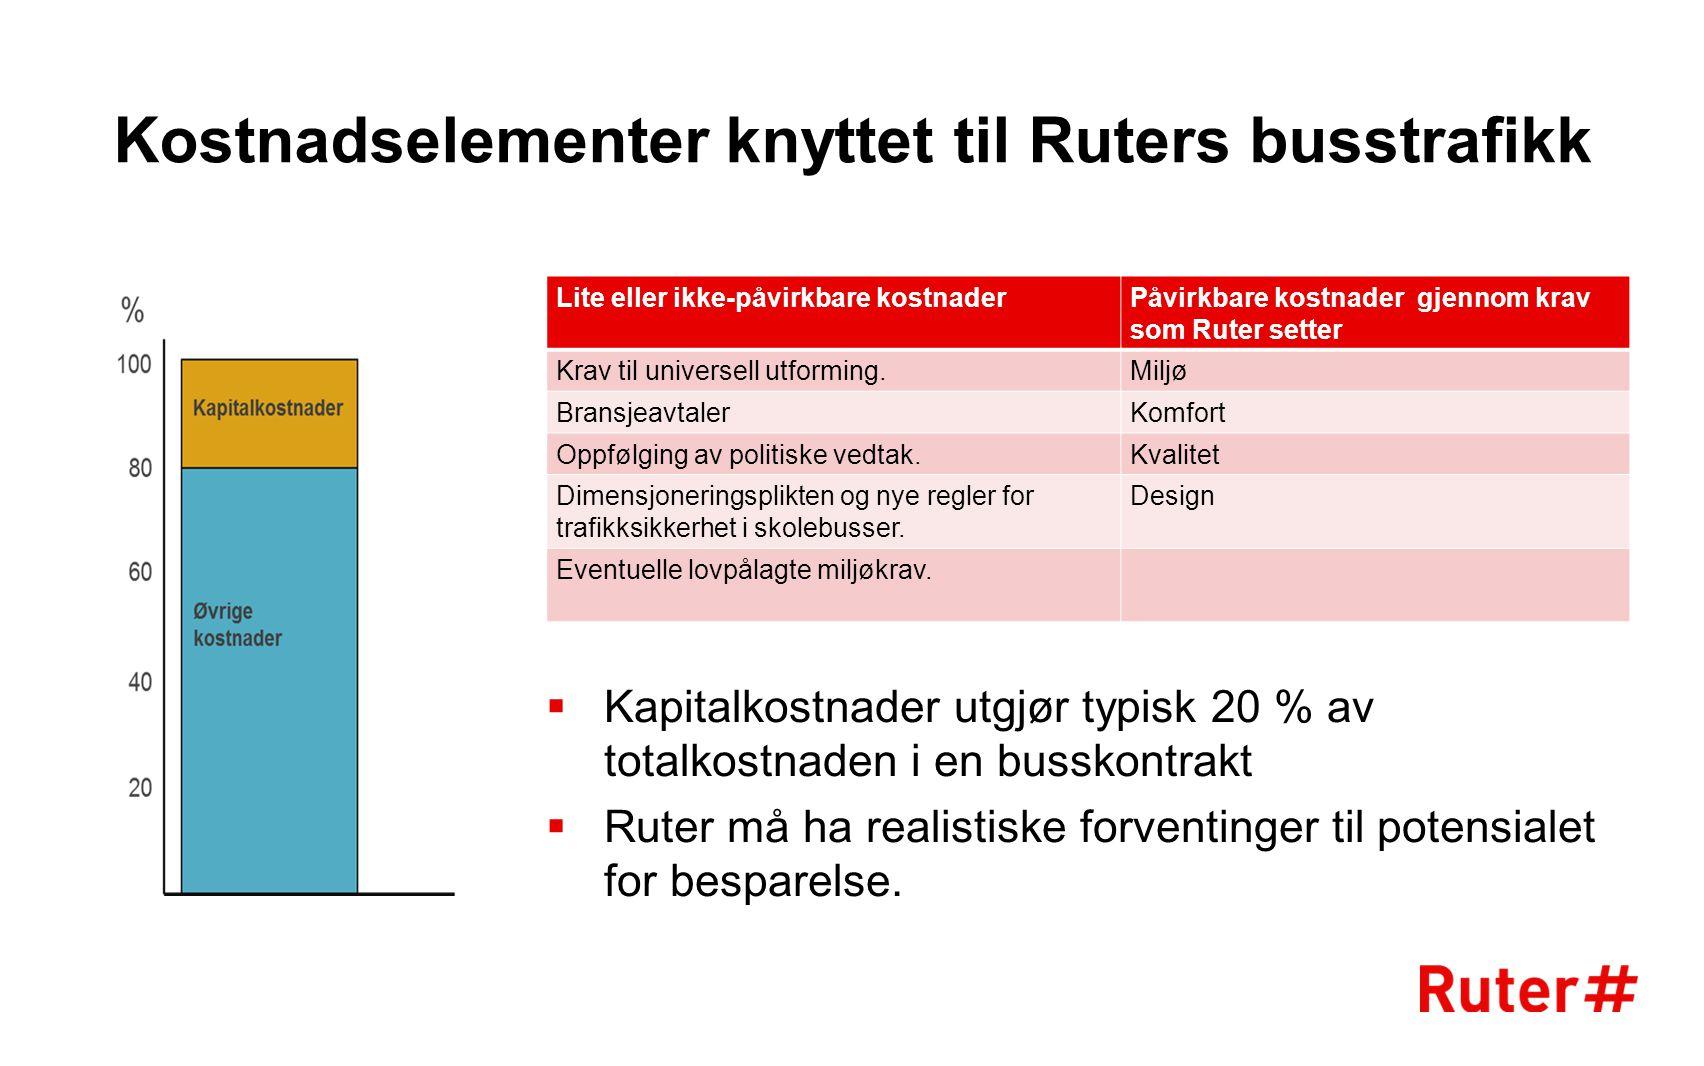 Ruter vil legge til rette for annenhåndsmarked for busser bl a ved gjennomgang av designkrav  Utvalg av designkrav (nordøst) 10.